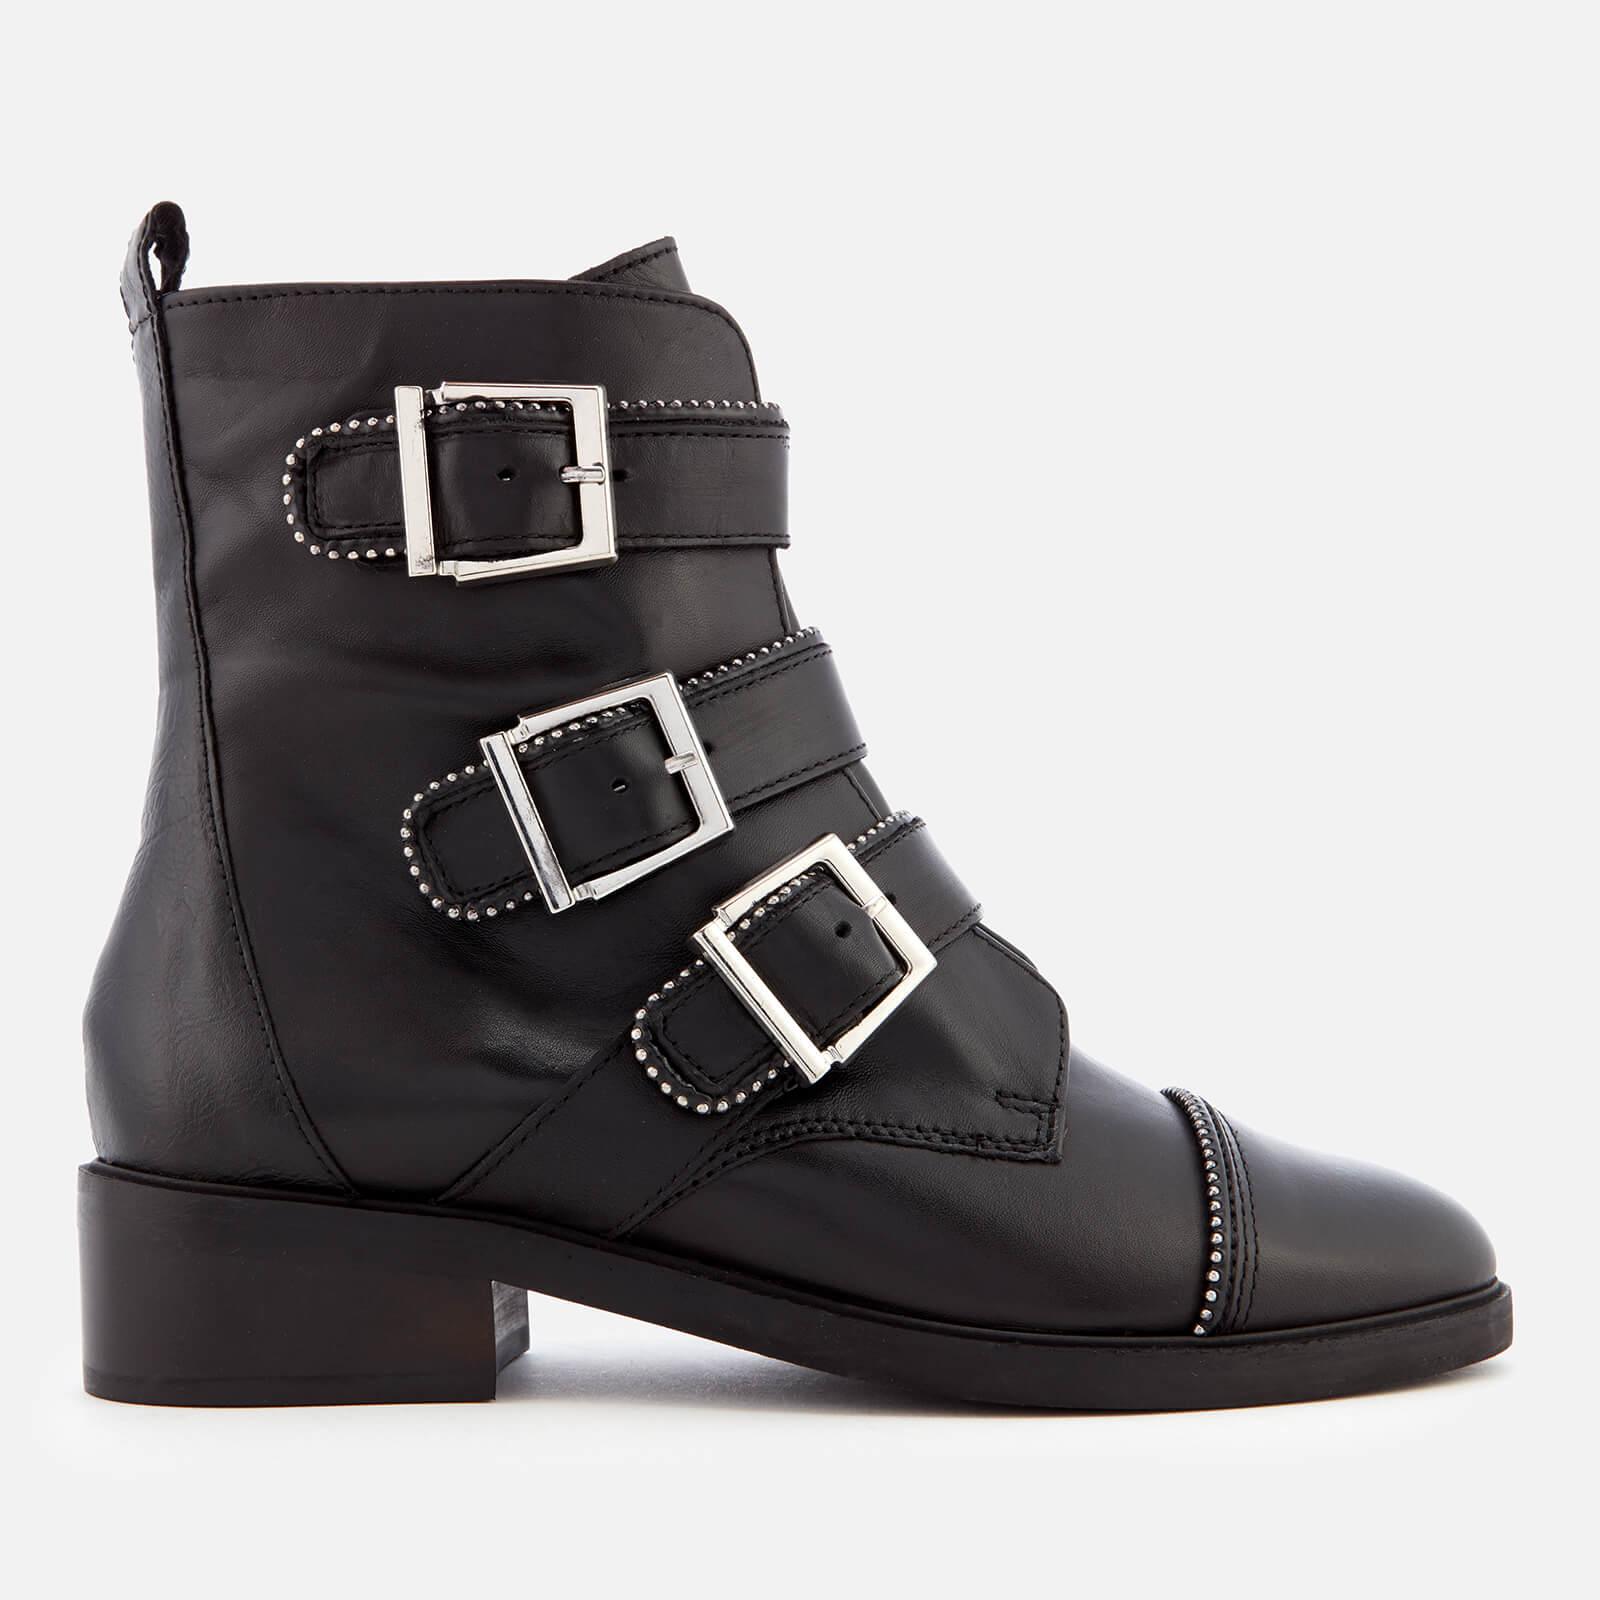 Carvela Women's Sparse Leather Buckle Biker Boots - Black - UK 3 - Black